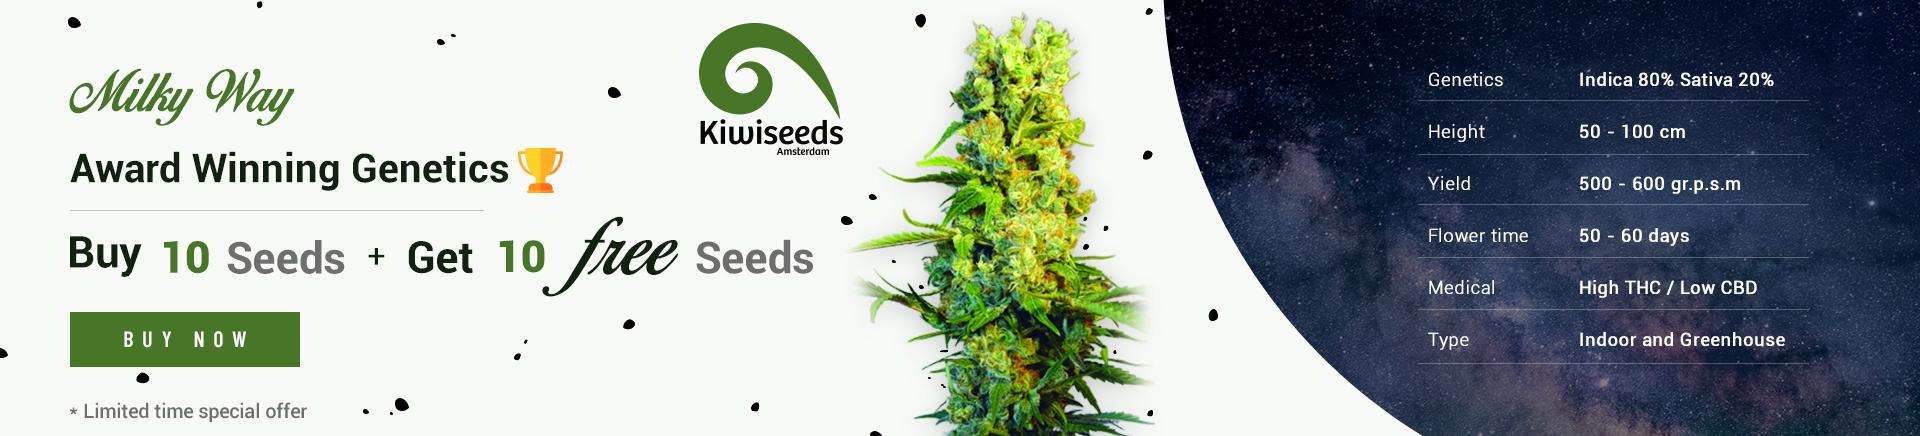 Buy 10 Get 10 free seeds